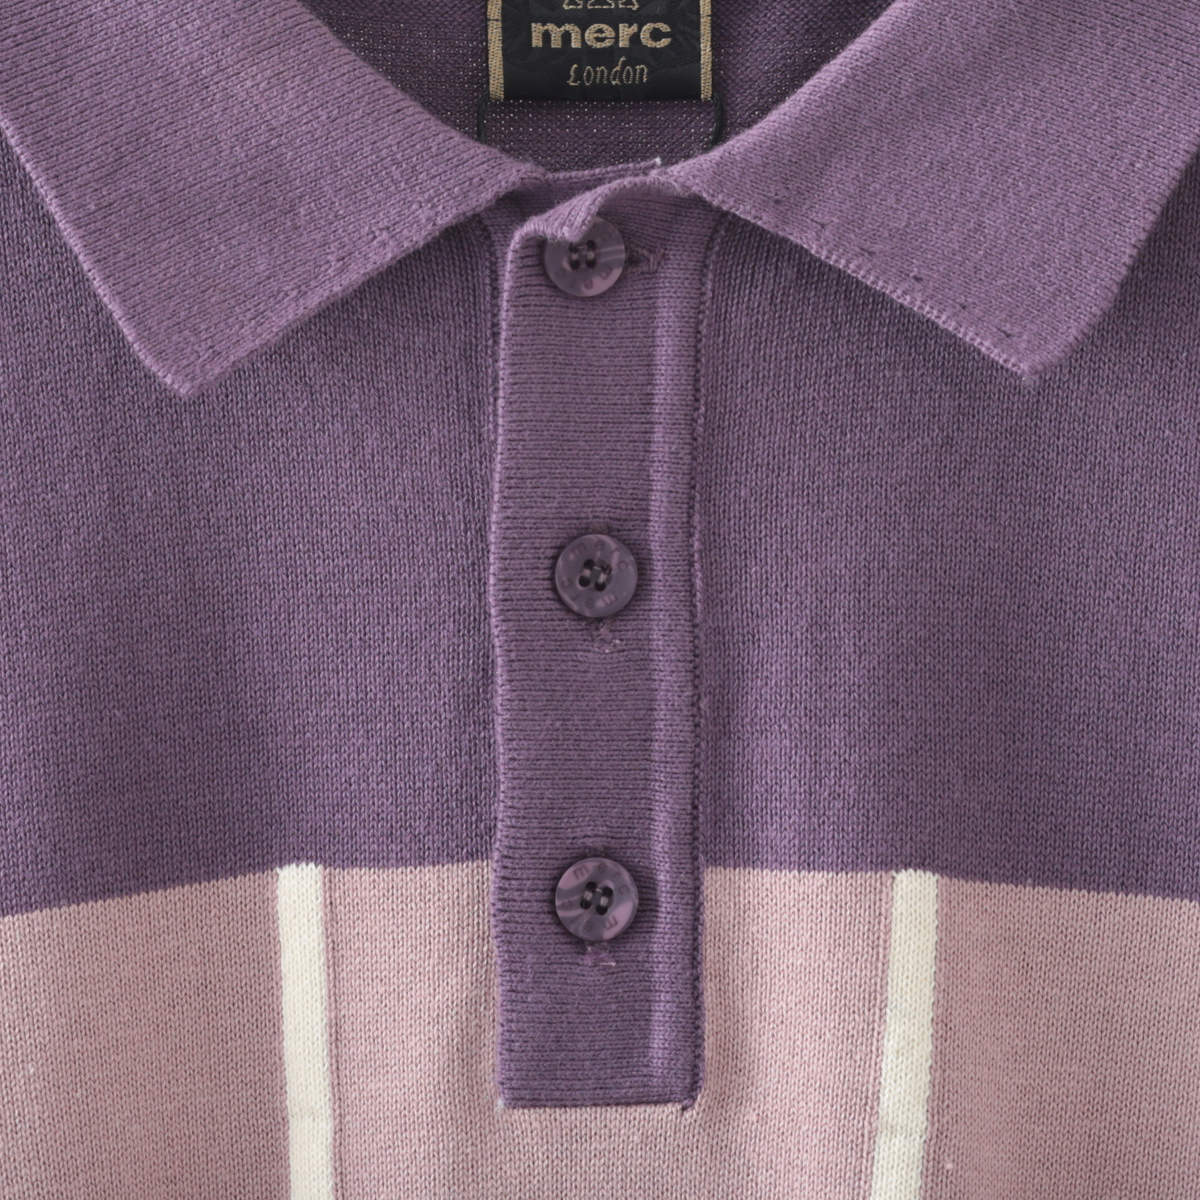 メルクロンドン メンズ ポロシャツ ポロ ストライプ ツートン 切替 2色 ダークグレー プラム Merc London モッズファッション